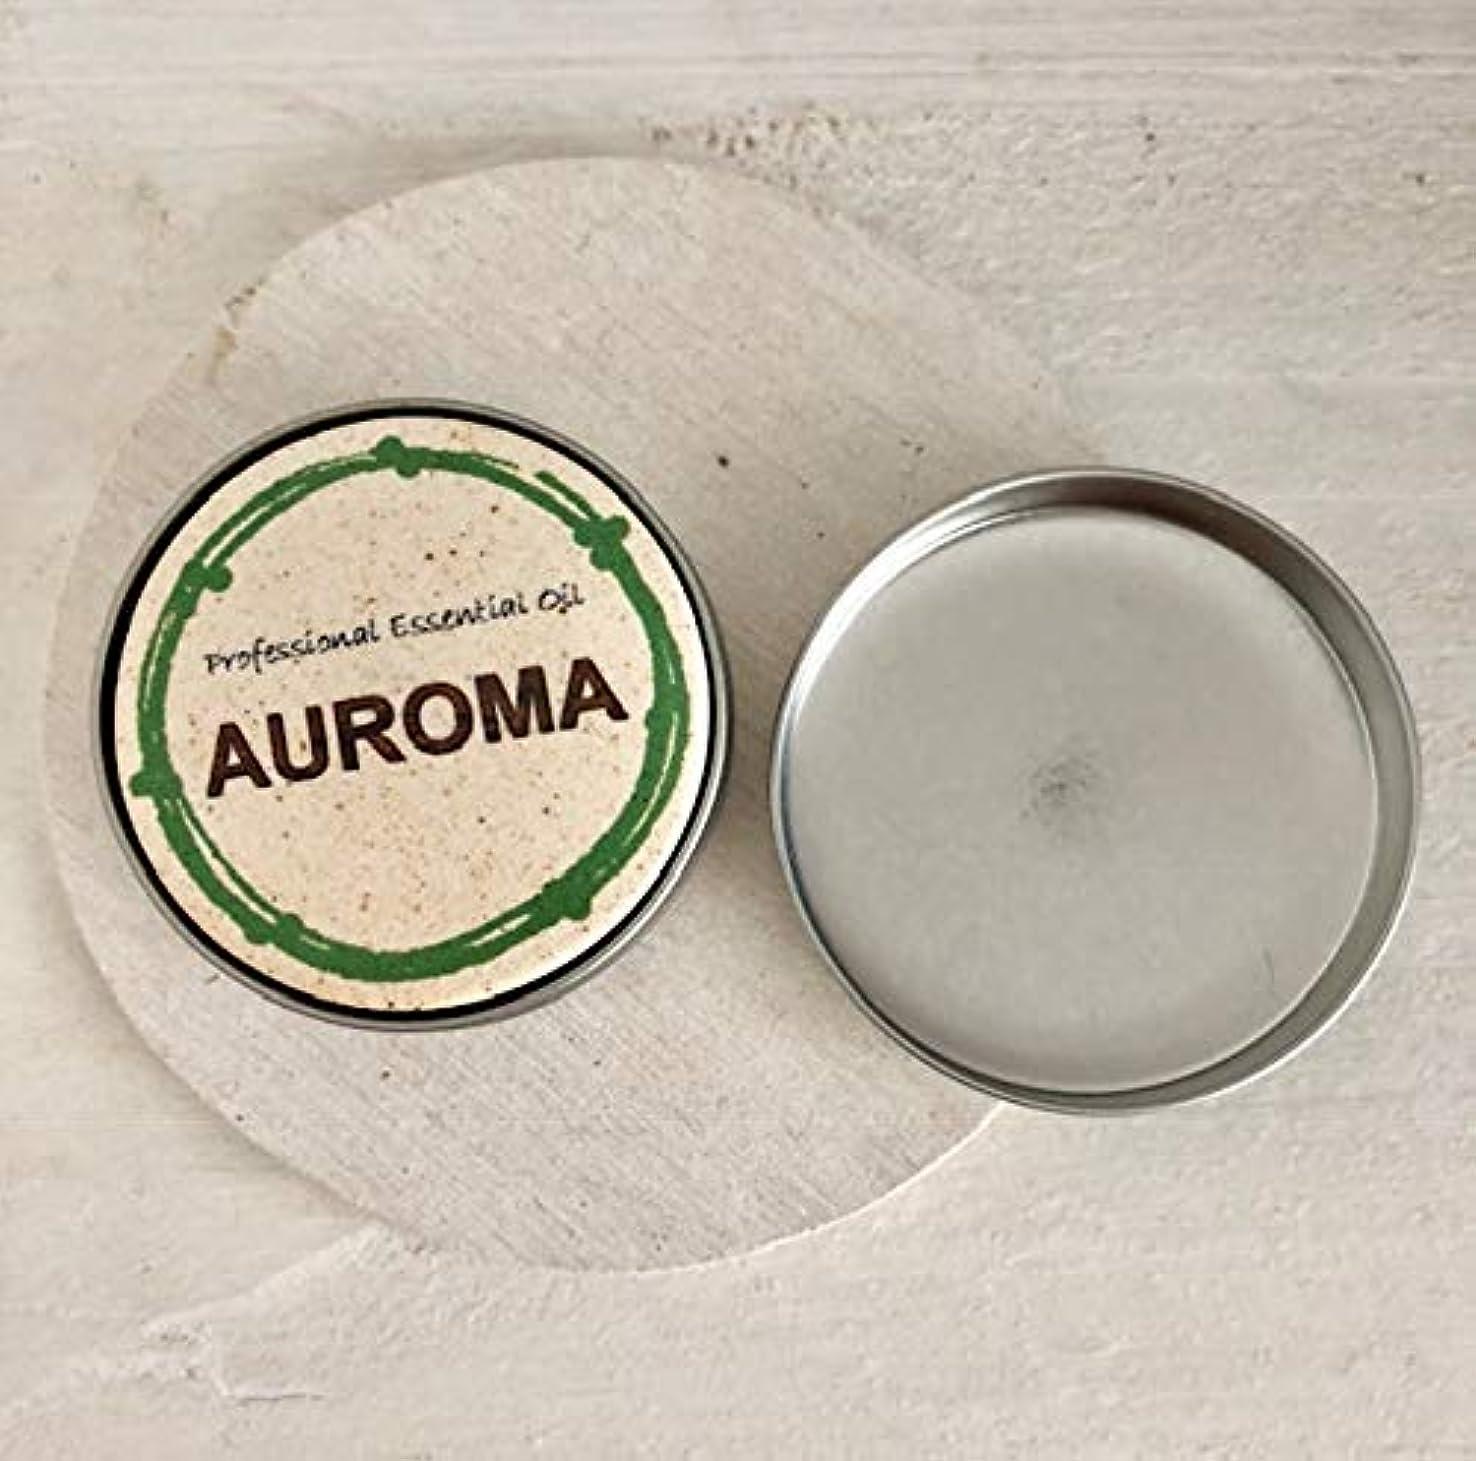 シェーバーシンボル学校の先生珪藻土アロマプレート AUROMA